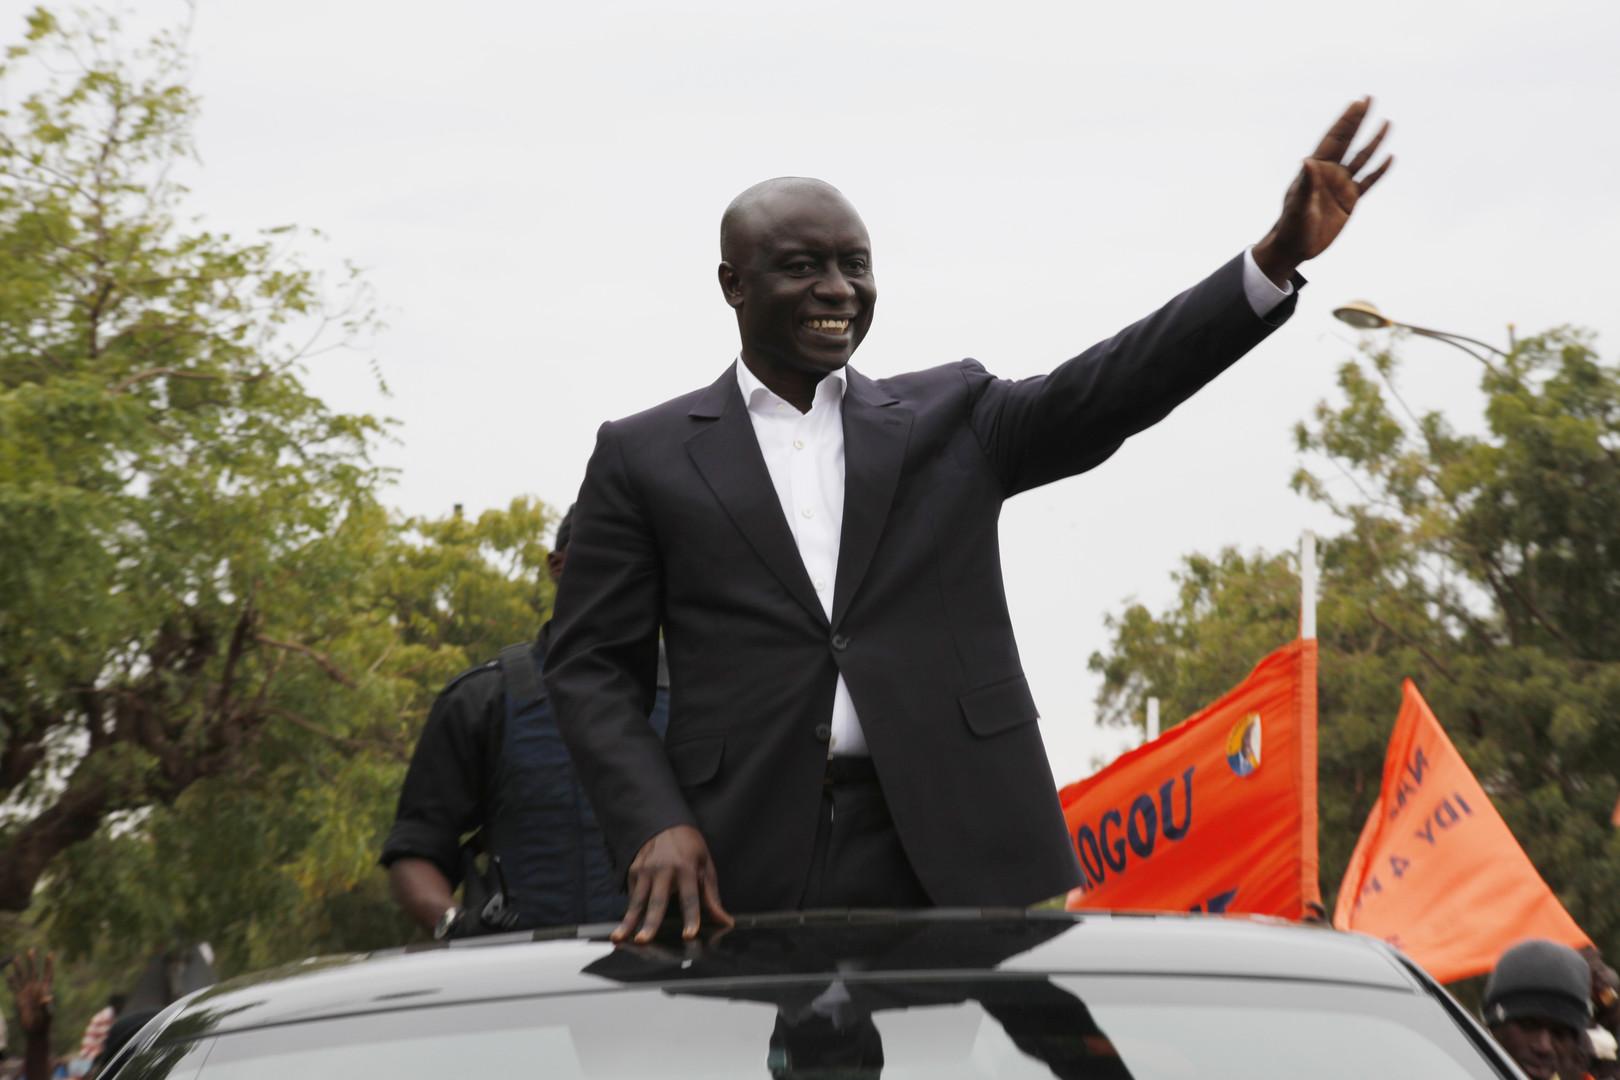 Election présidentielle au Sénégal : quel bilan pour le président sortant Macky Sall ? (DOSSIER)